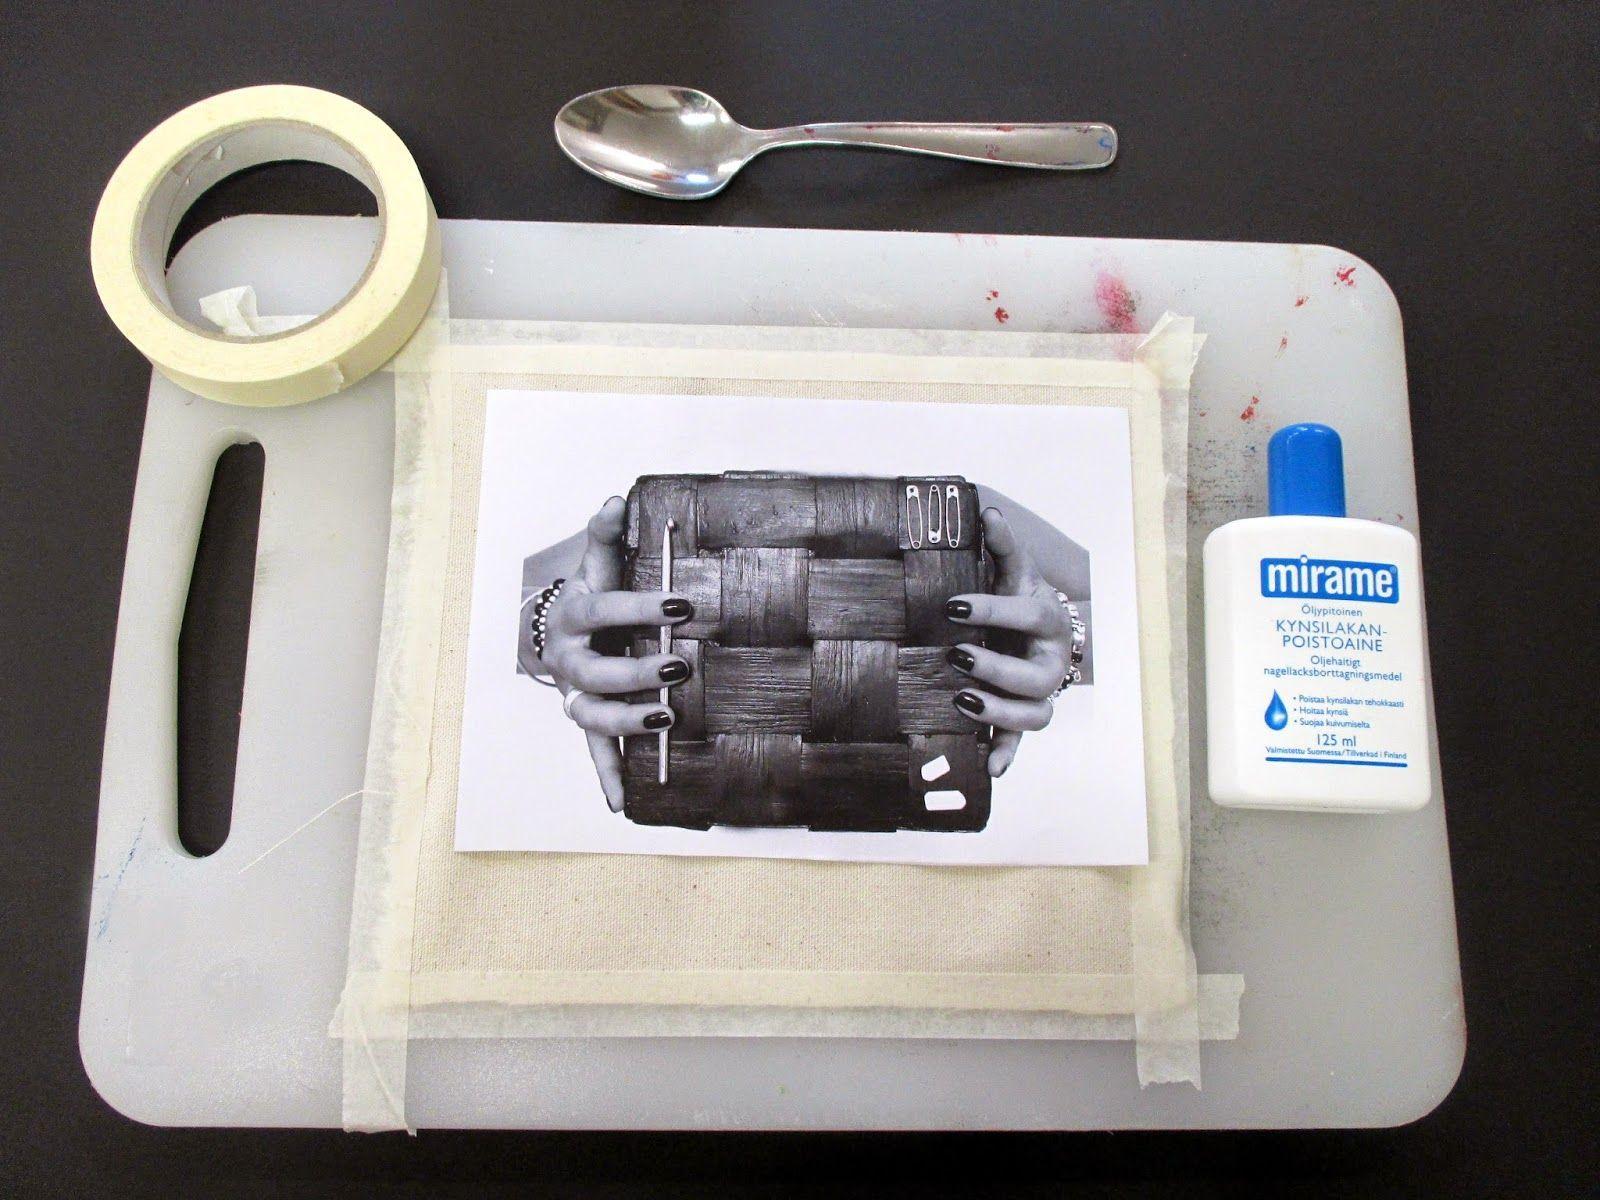 omⒶ KOPPA: Kuvansiirto kankaalle kynsilakanpoistoaineen avulla